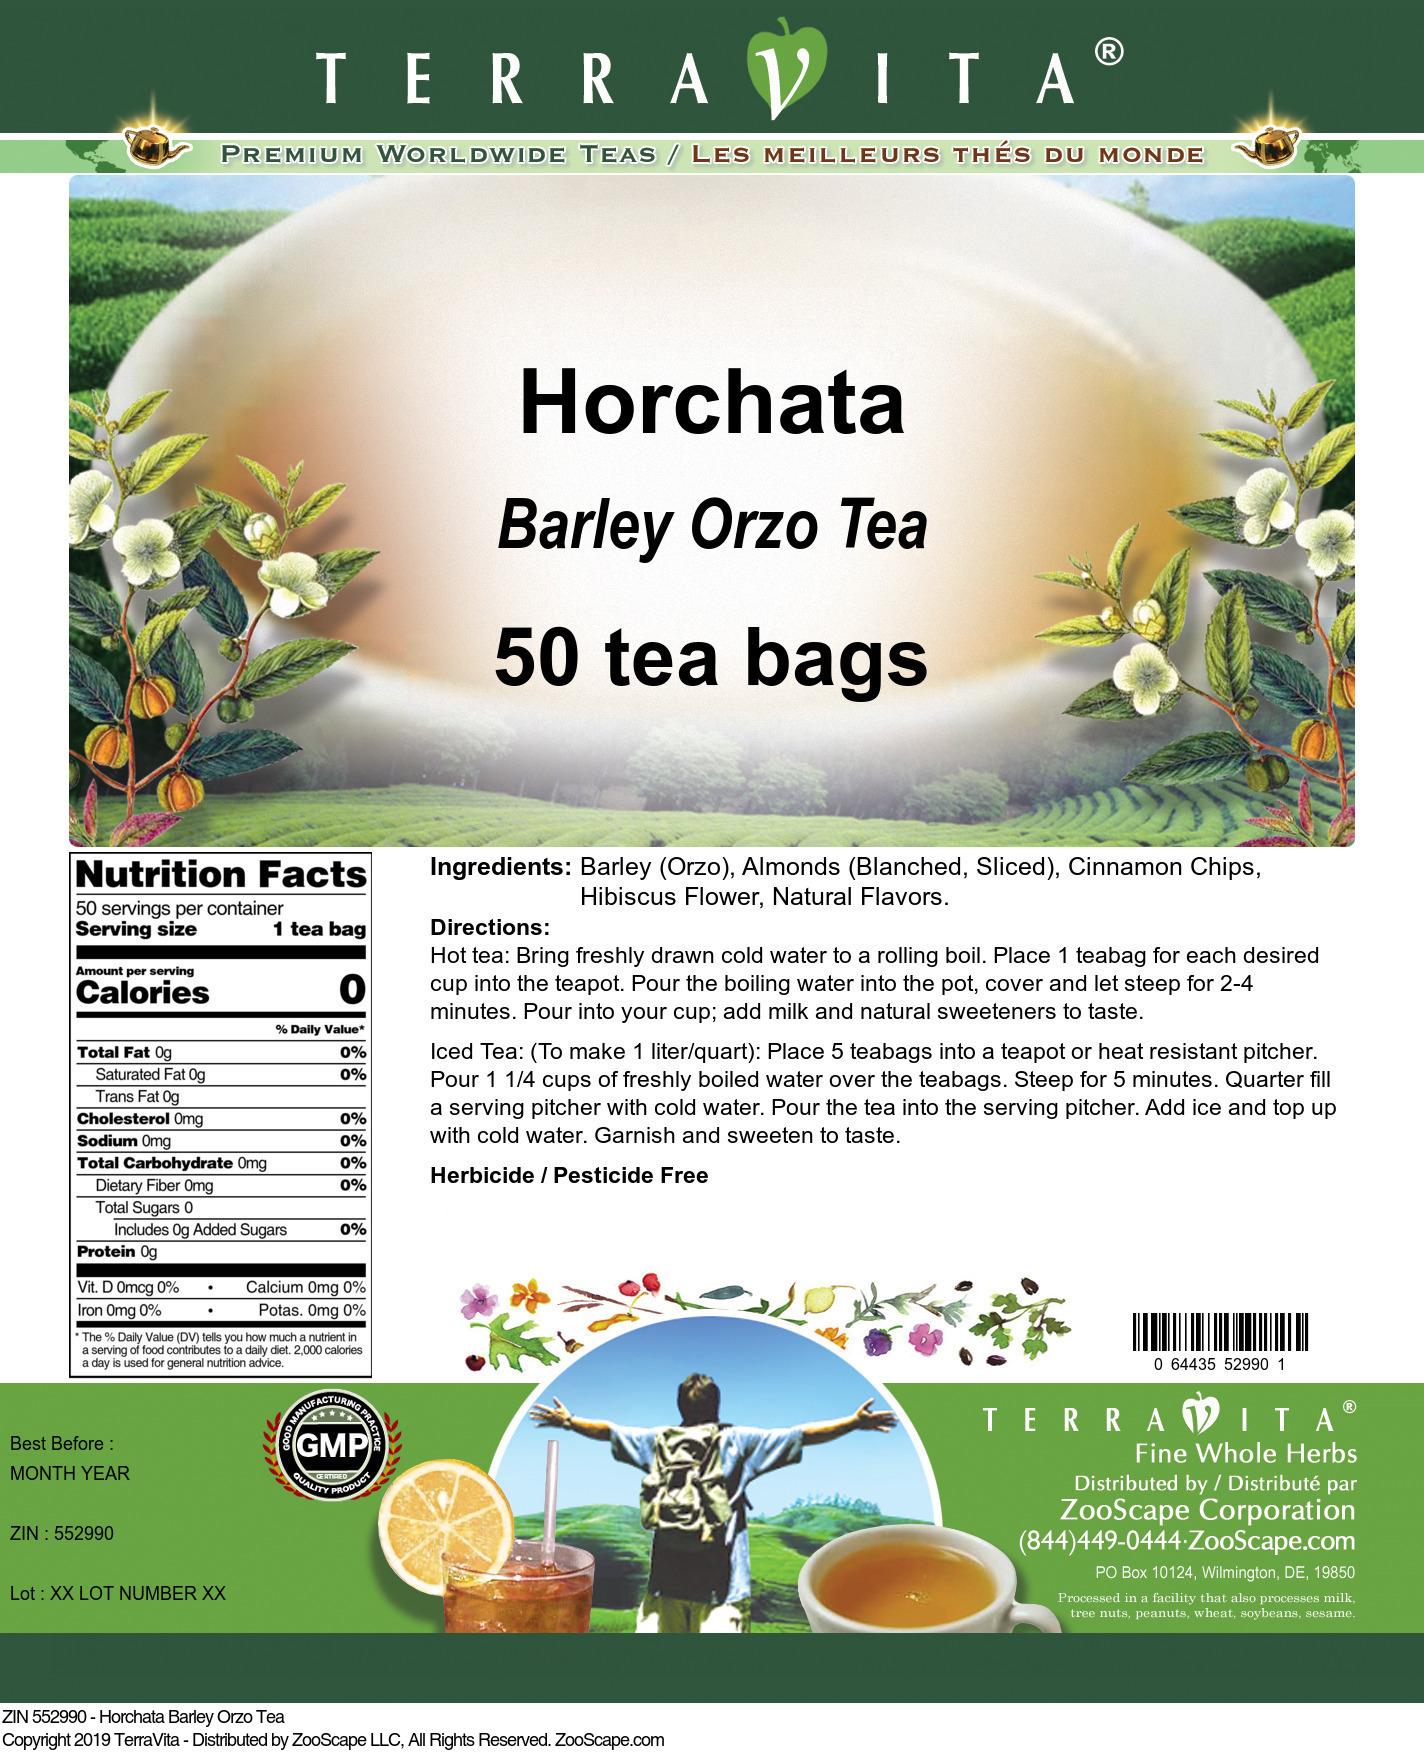 Horchata Barley Orzo Tea